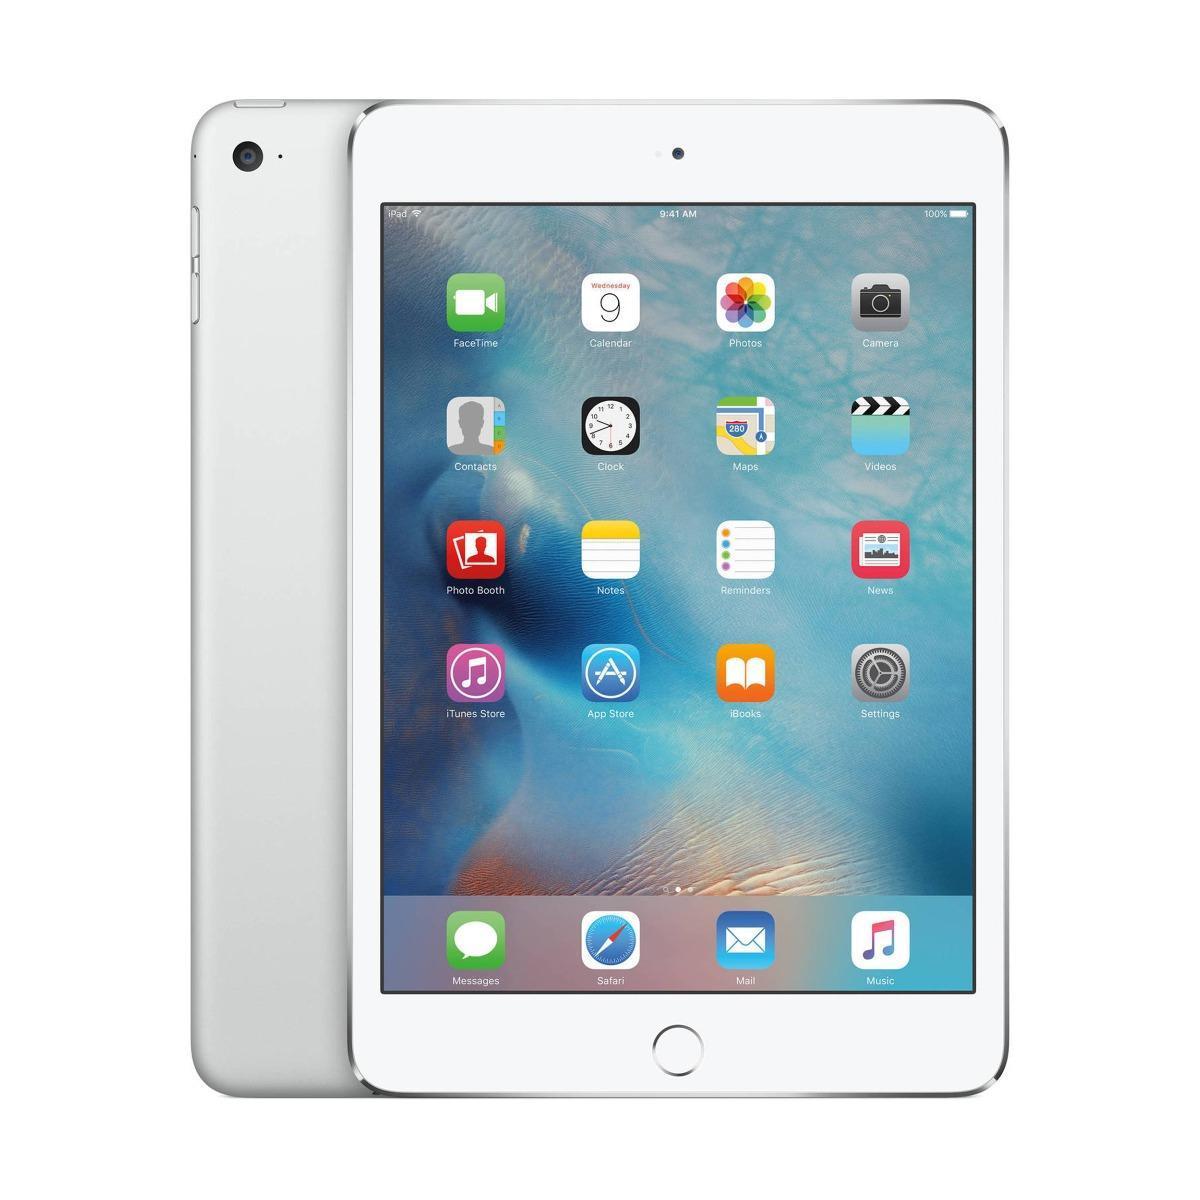 iPad mini 3 (2014) - WiFi